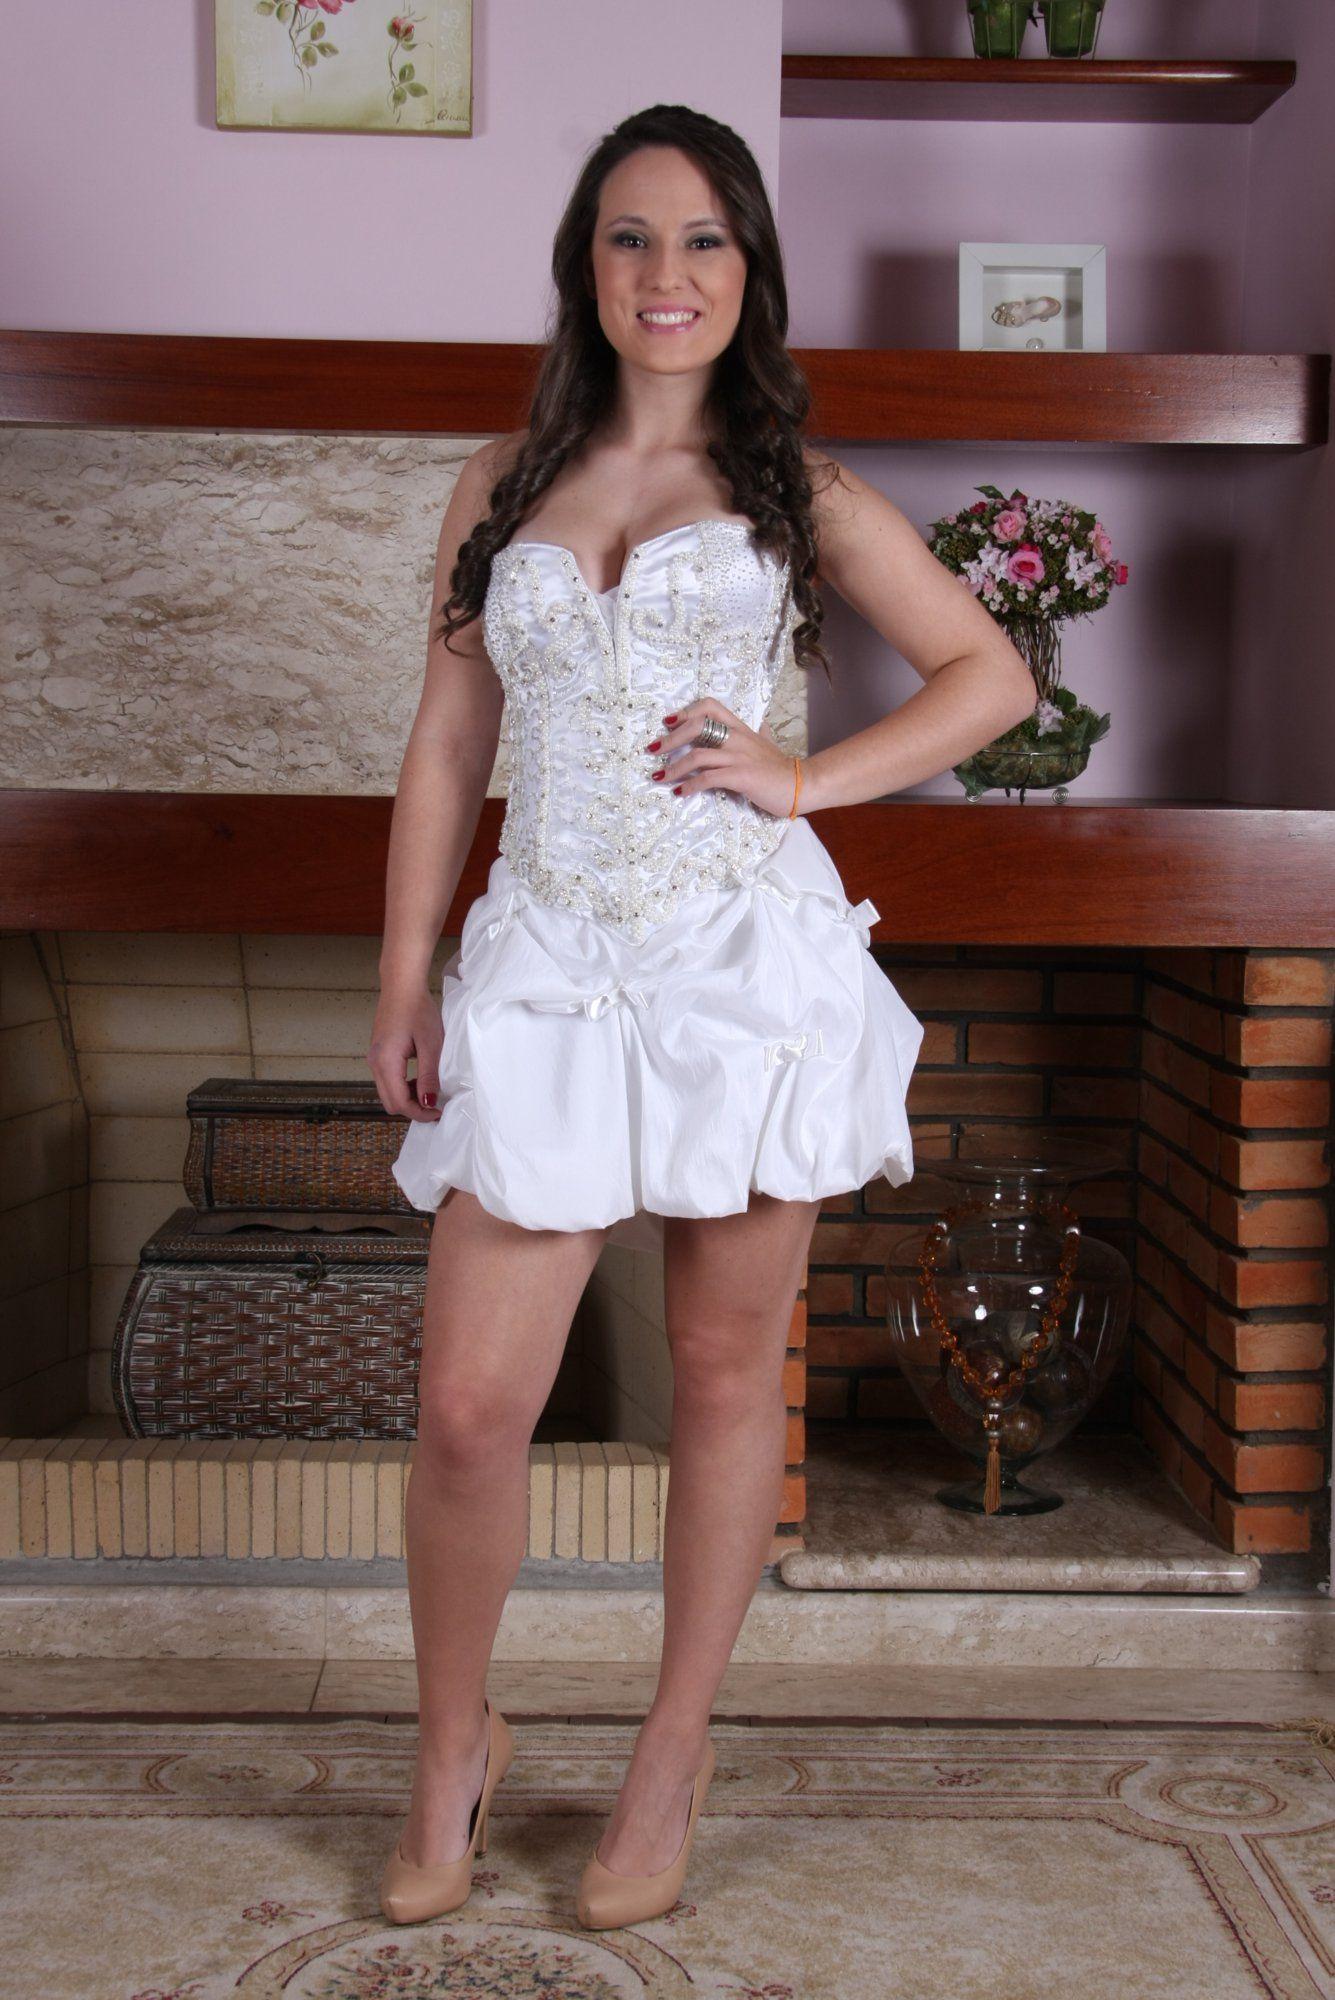 Vestido de Debutante Branco - 7 - Hipnose Alta Costura e Spa para Noivas e Noivos - Campinas - SP Vestido de Debutante, Vestido de Debutante Branco, Hipnose Alta Costura